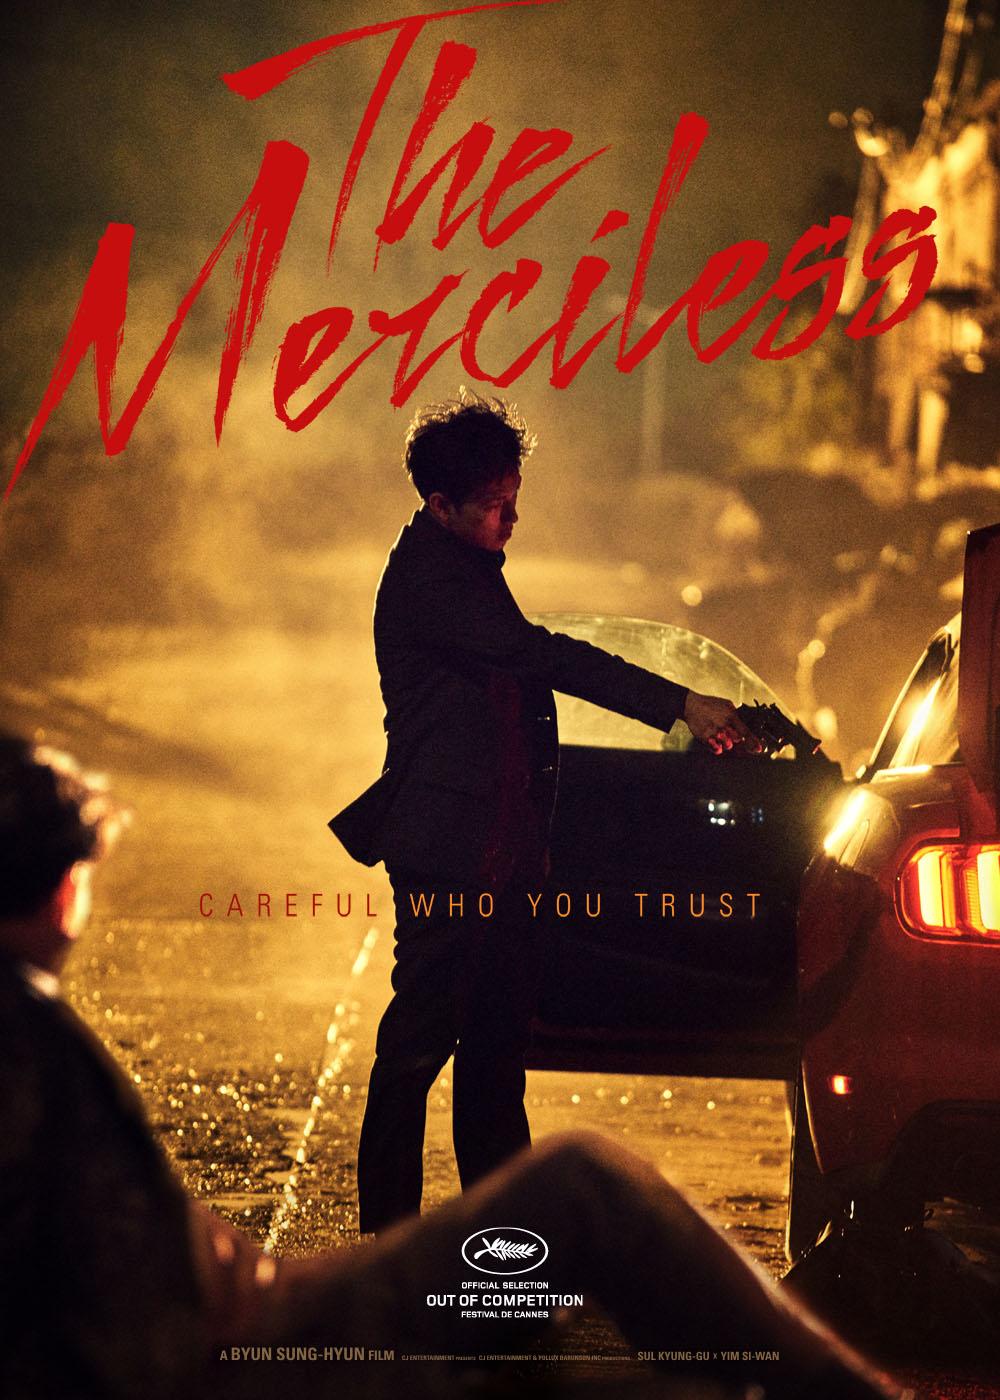 merciless_poster.jpg